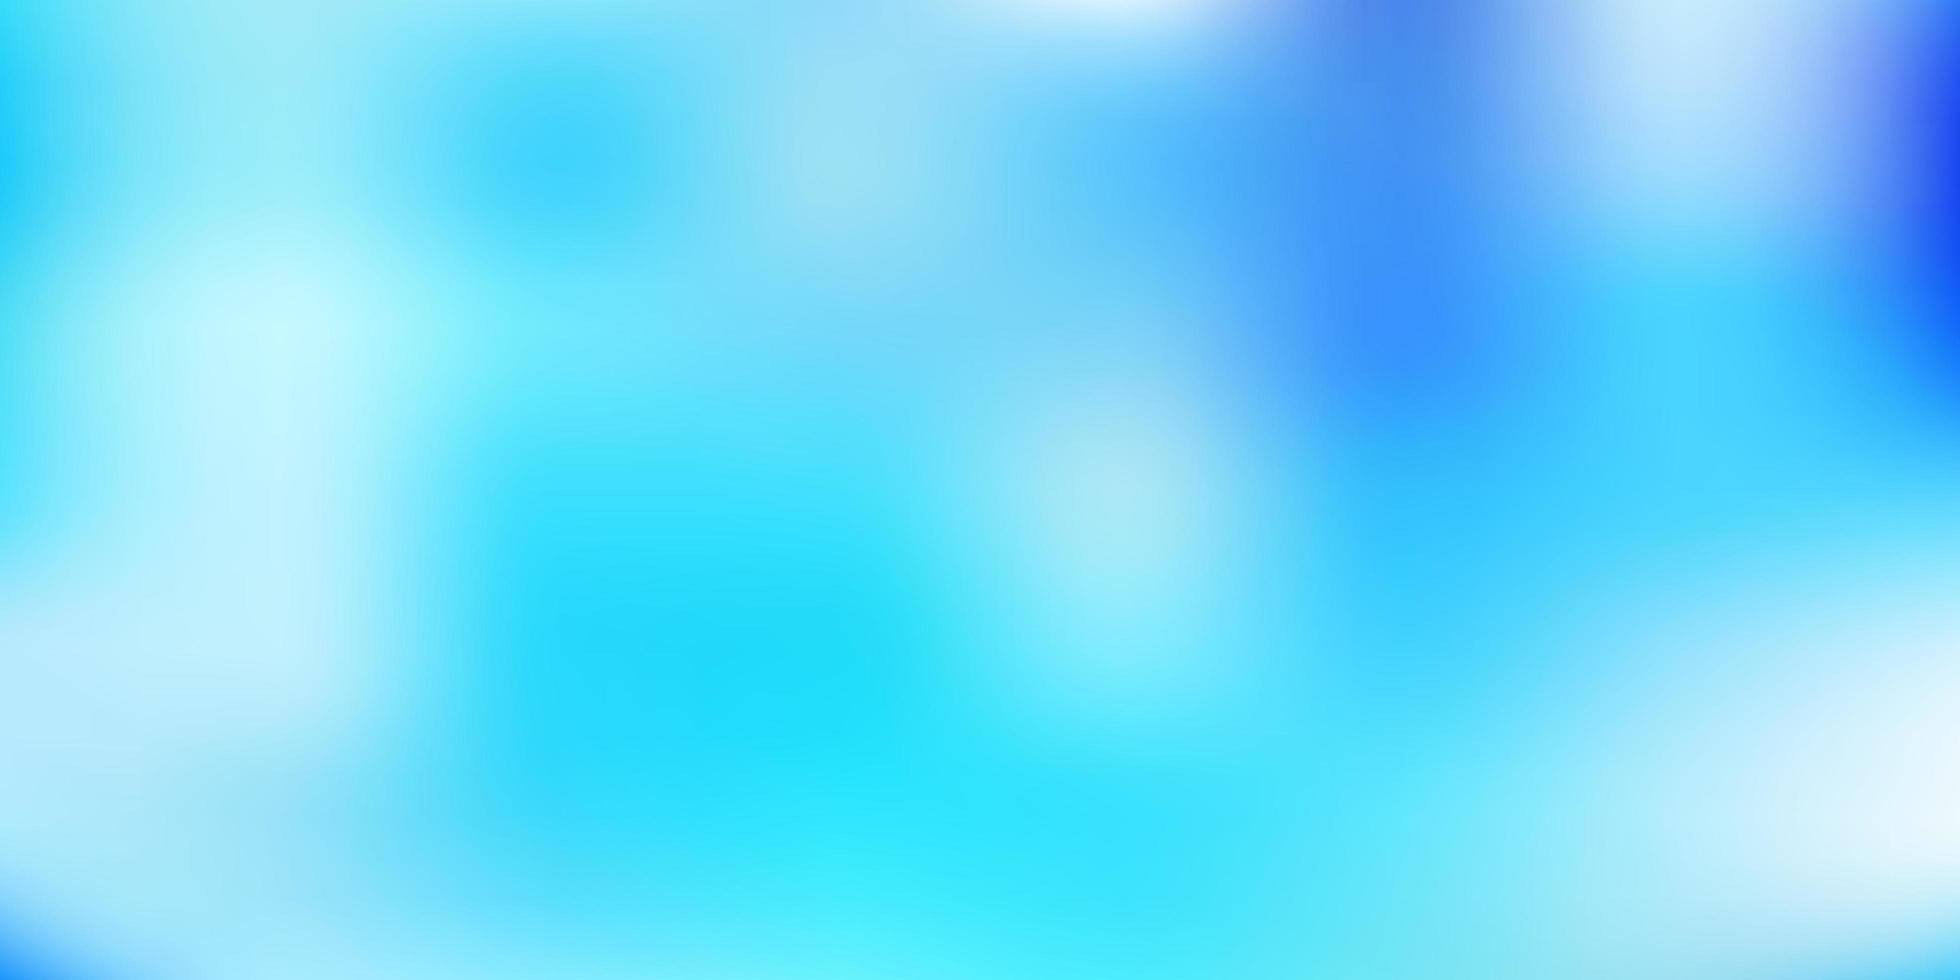 Fondo borroso degradado azul claro. vector